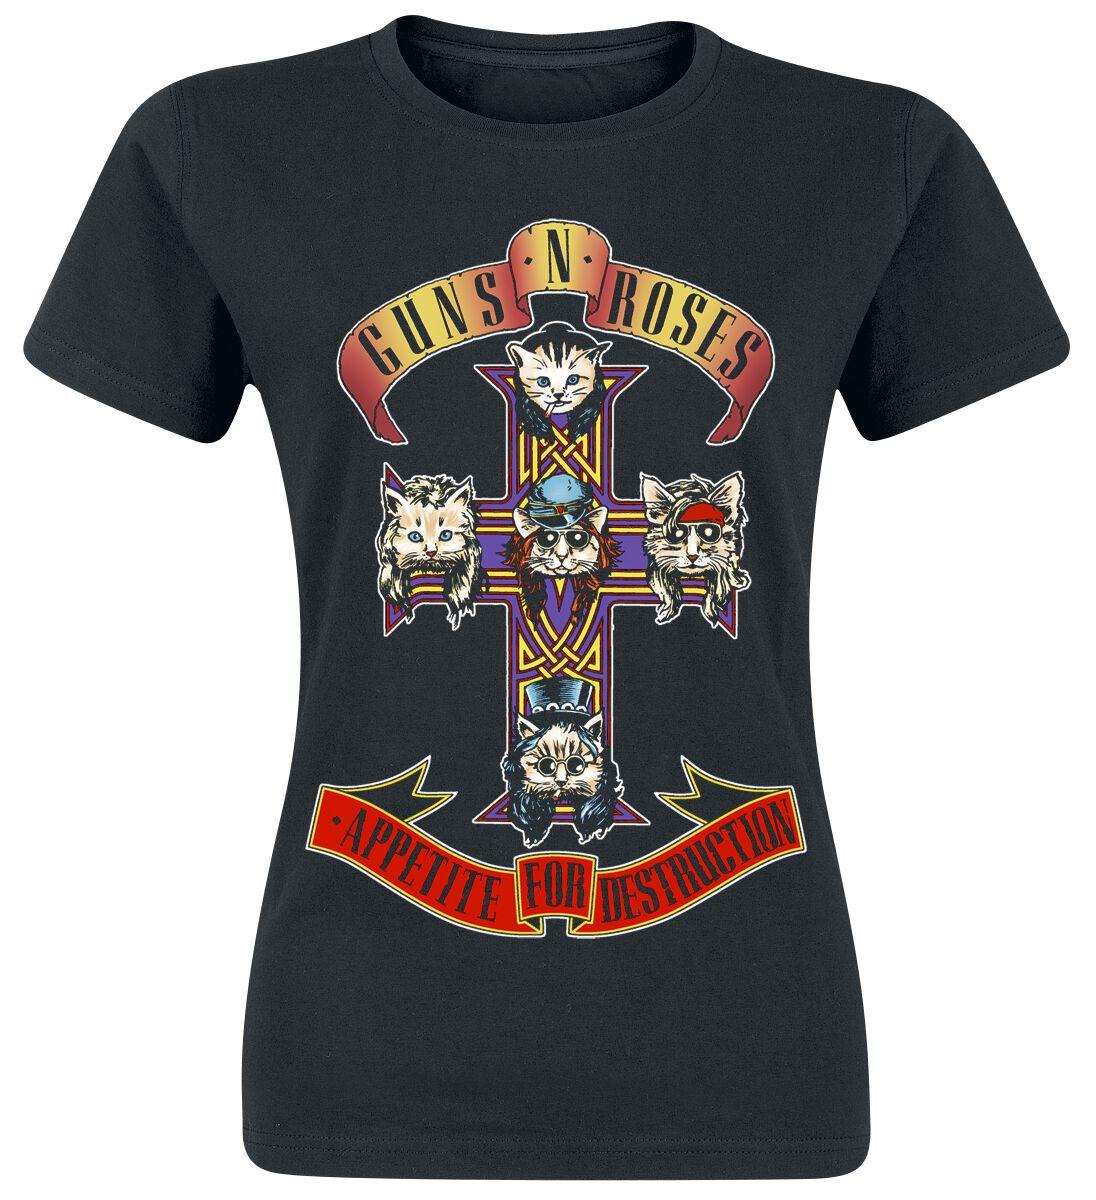 Image of   Guns N' Roses Appetite For Destruction - Kitty Cross Girlie trøje sort